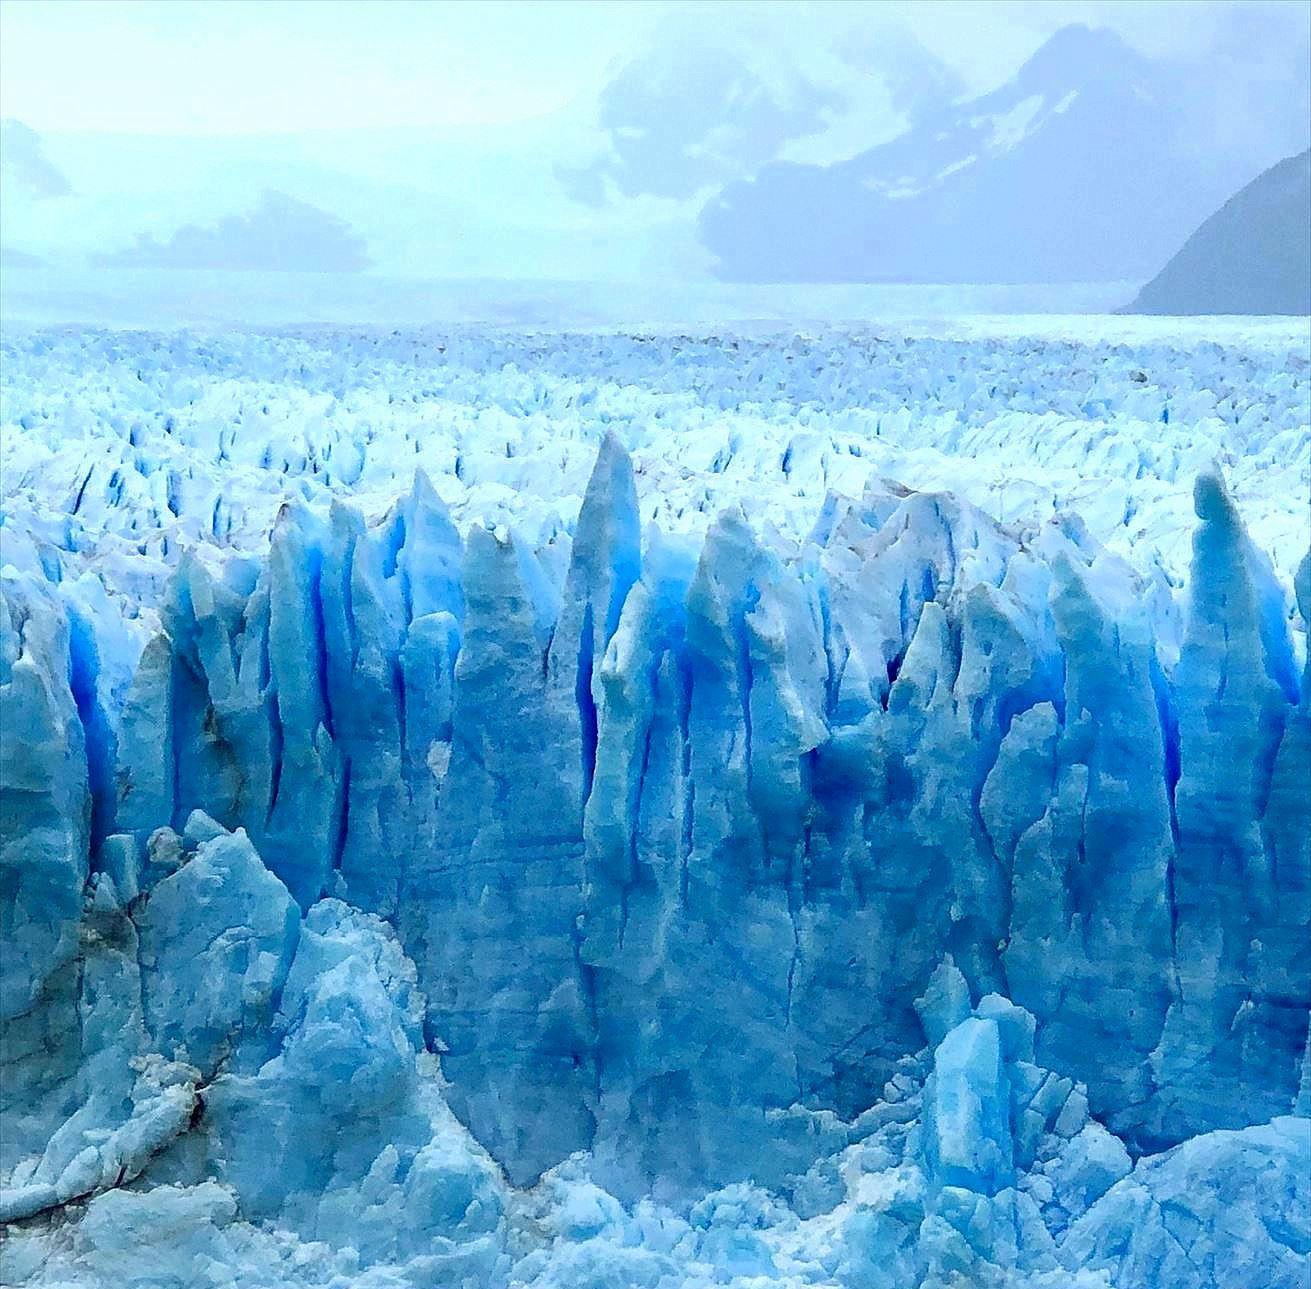 中南米の旅/36 ペリト・モレノ氷河@パタゴニア_a0092659_11584039.jpg